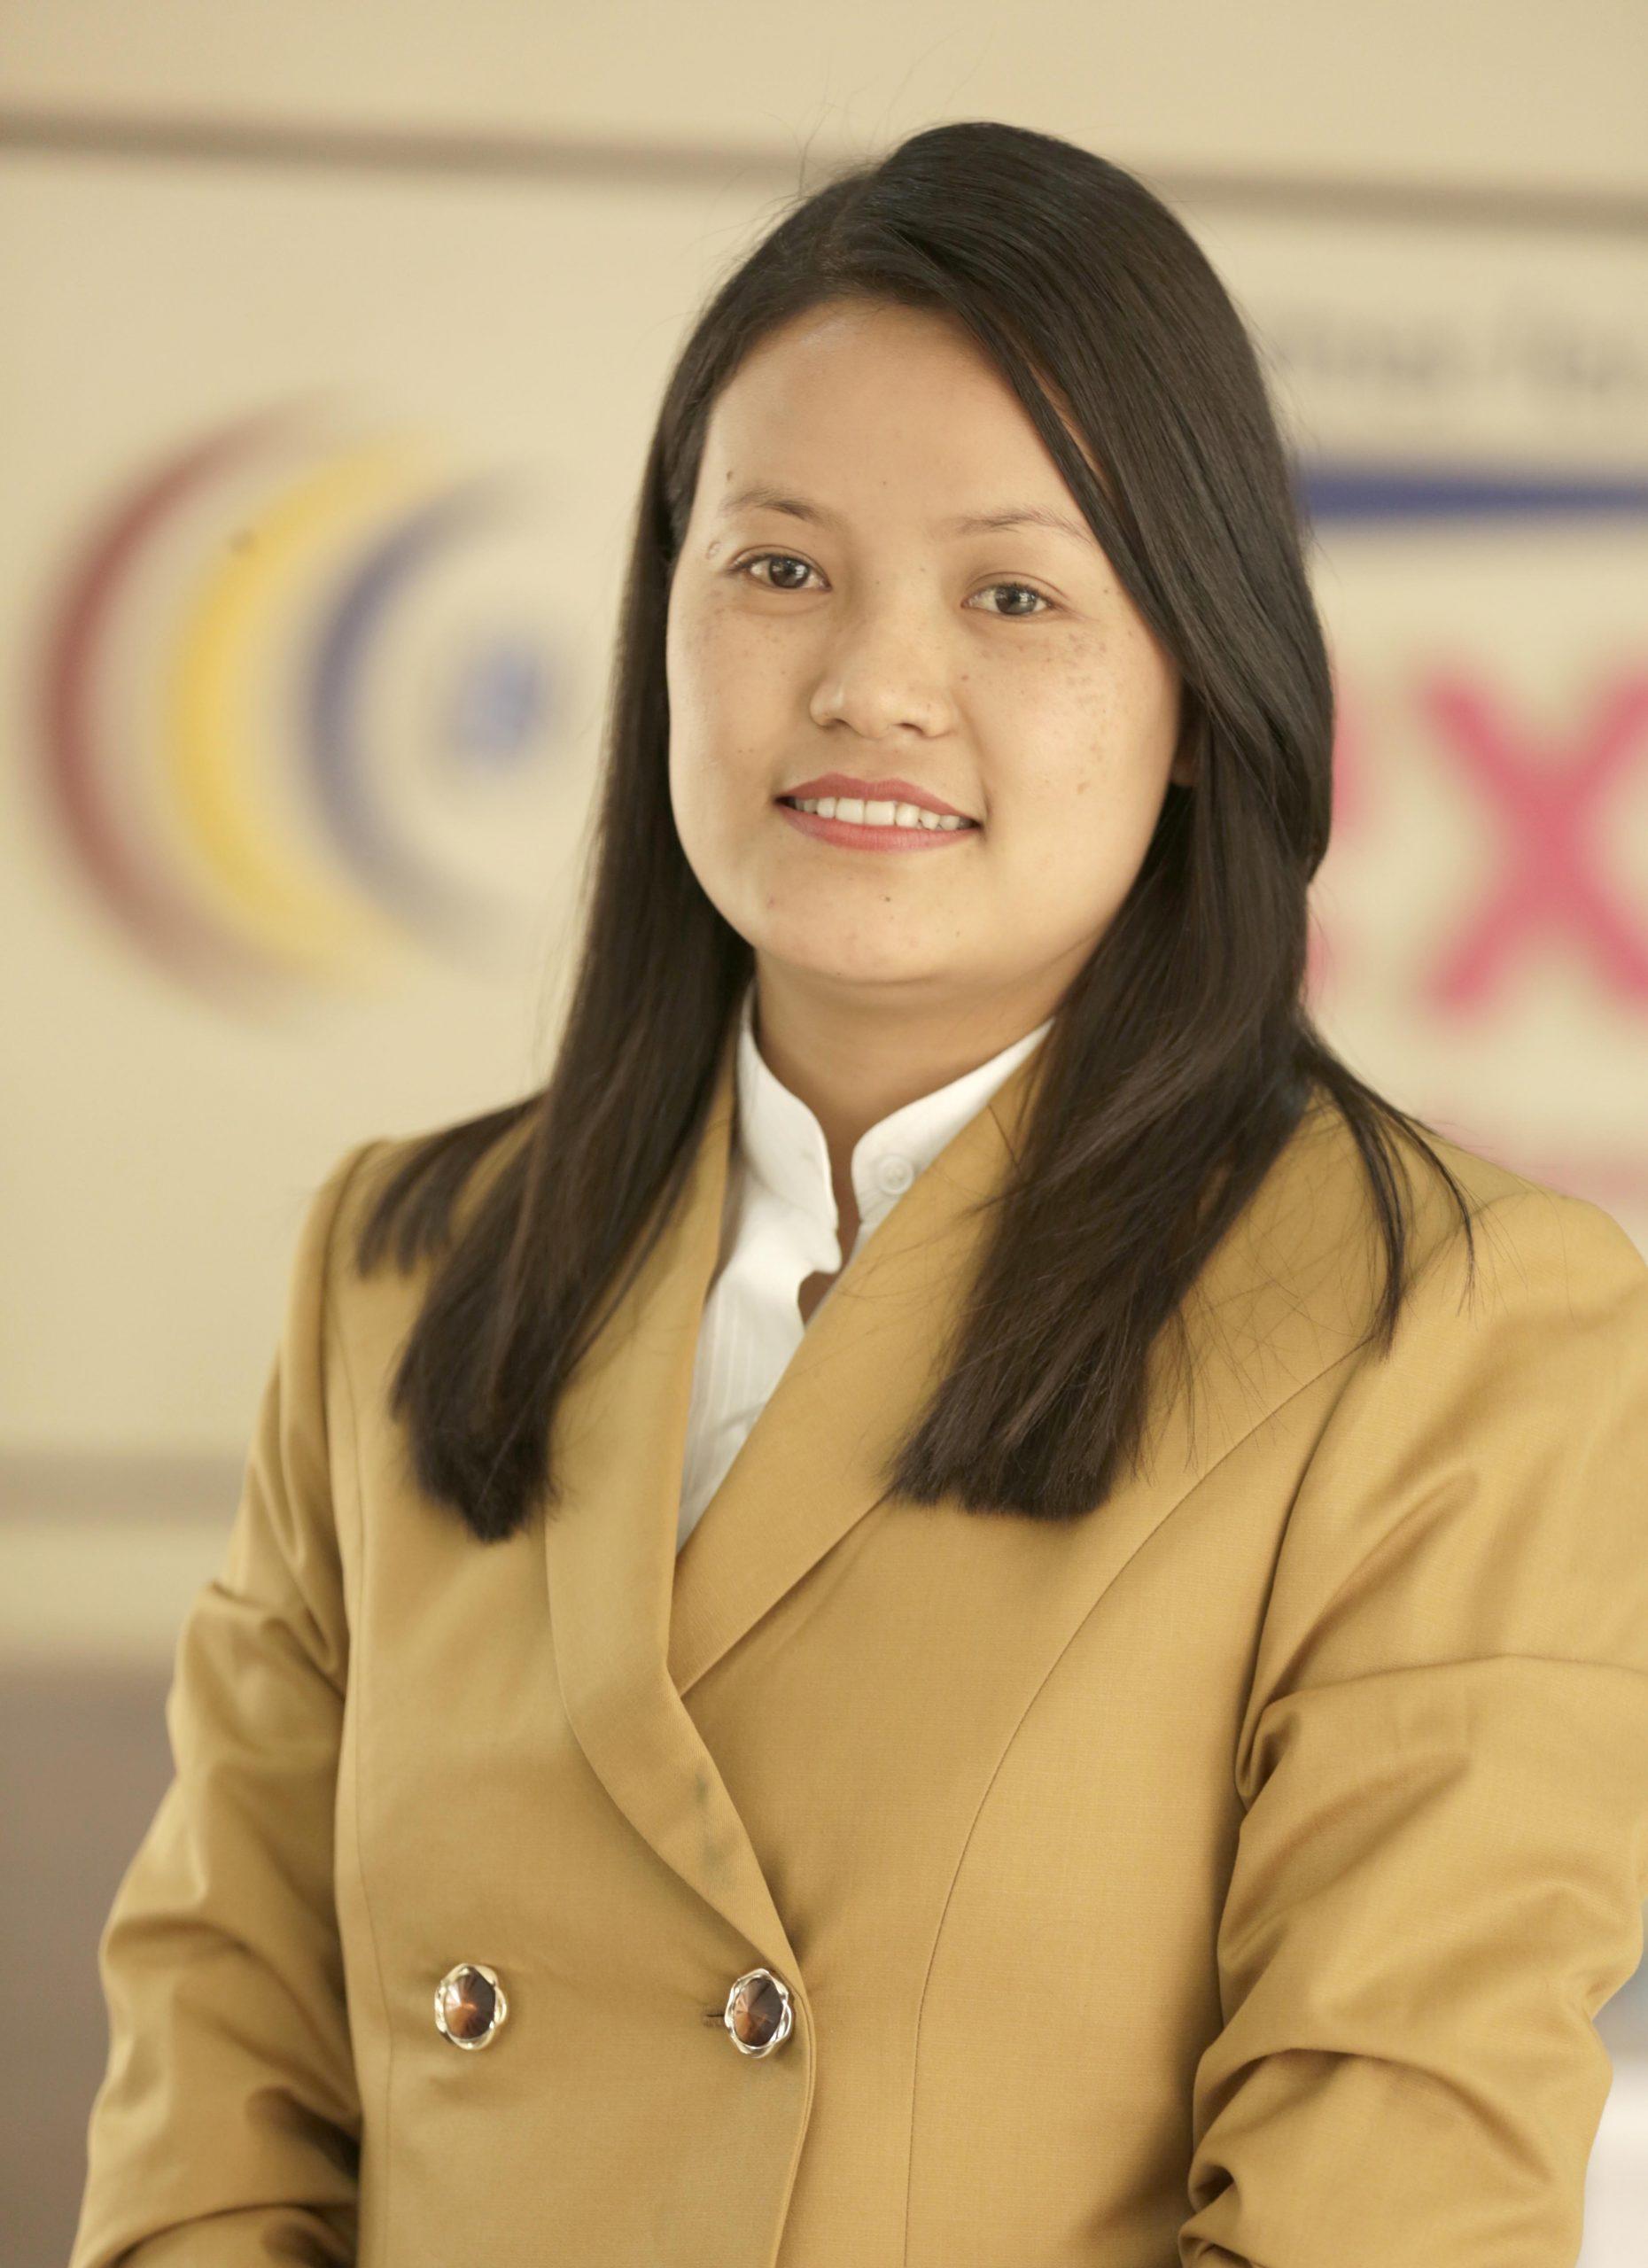 Melina Thapa Magar